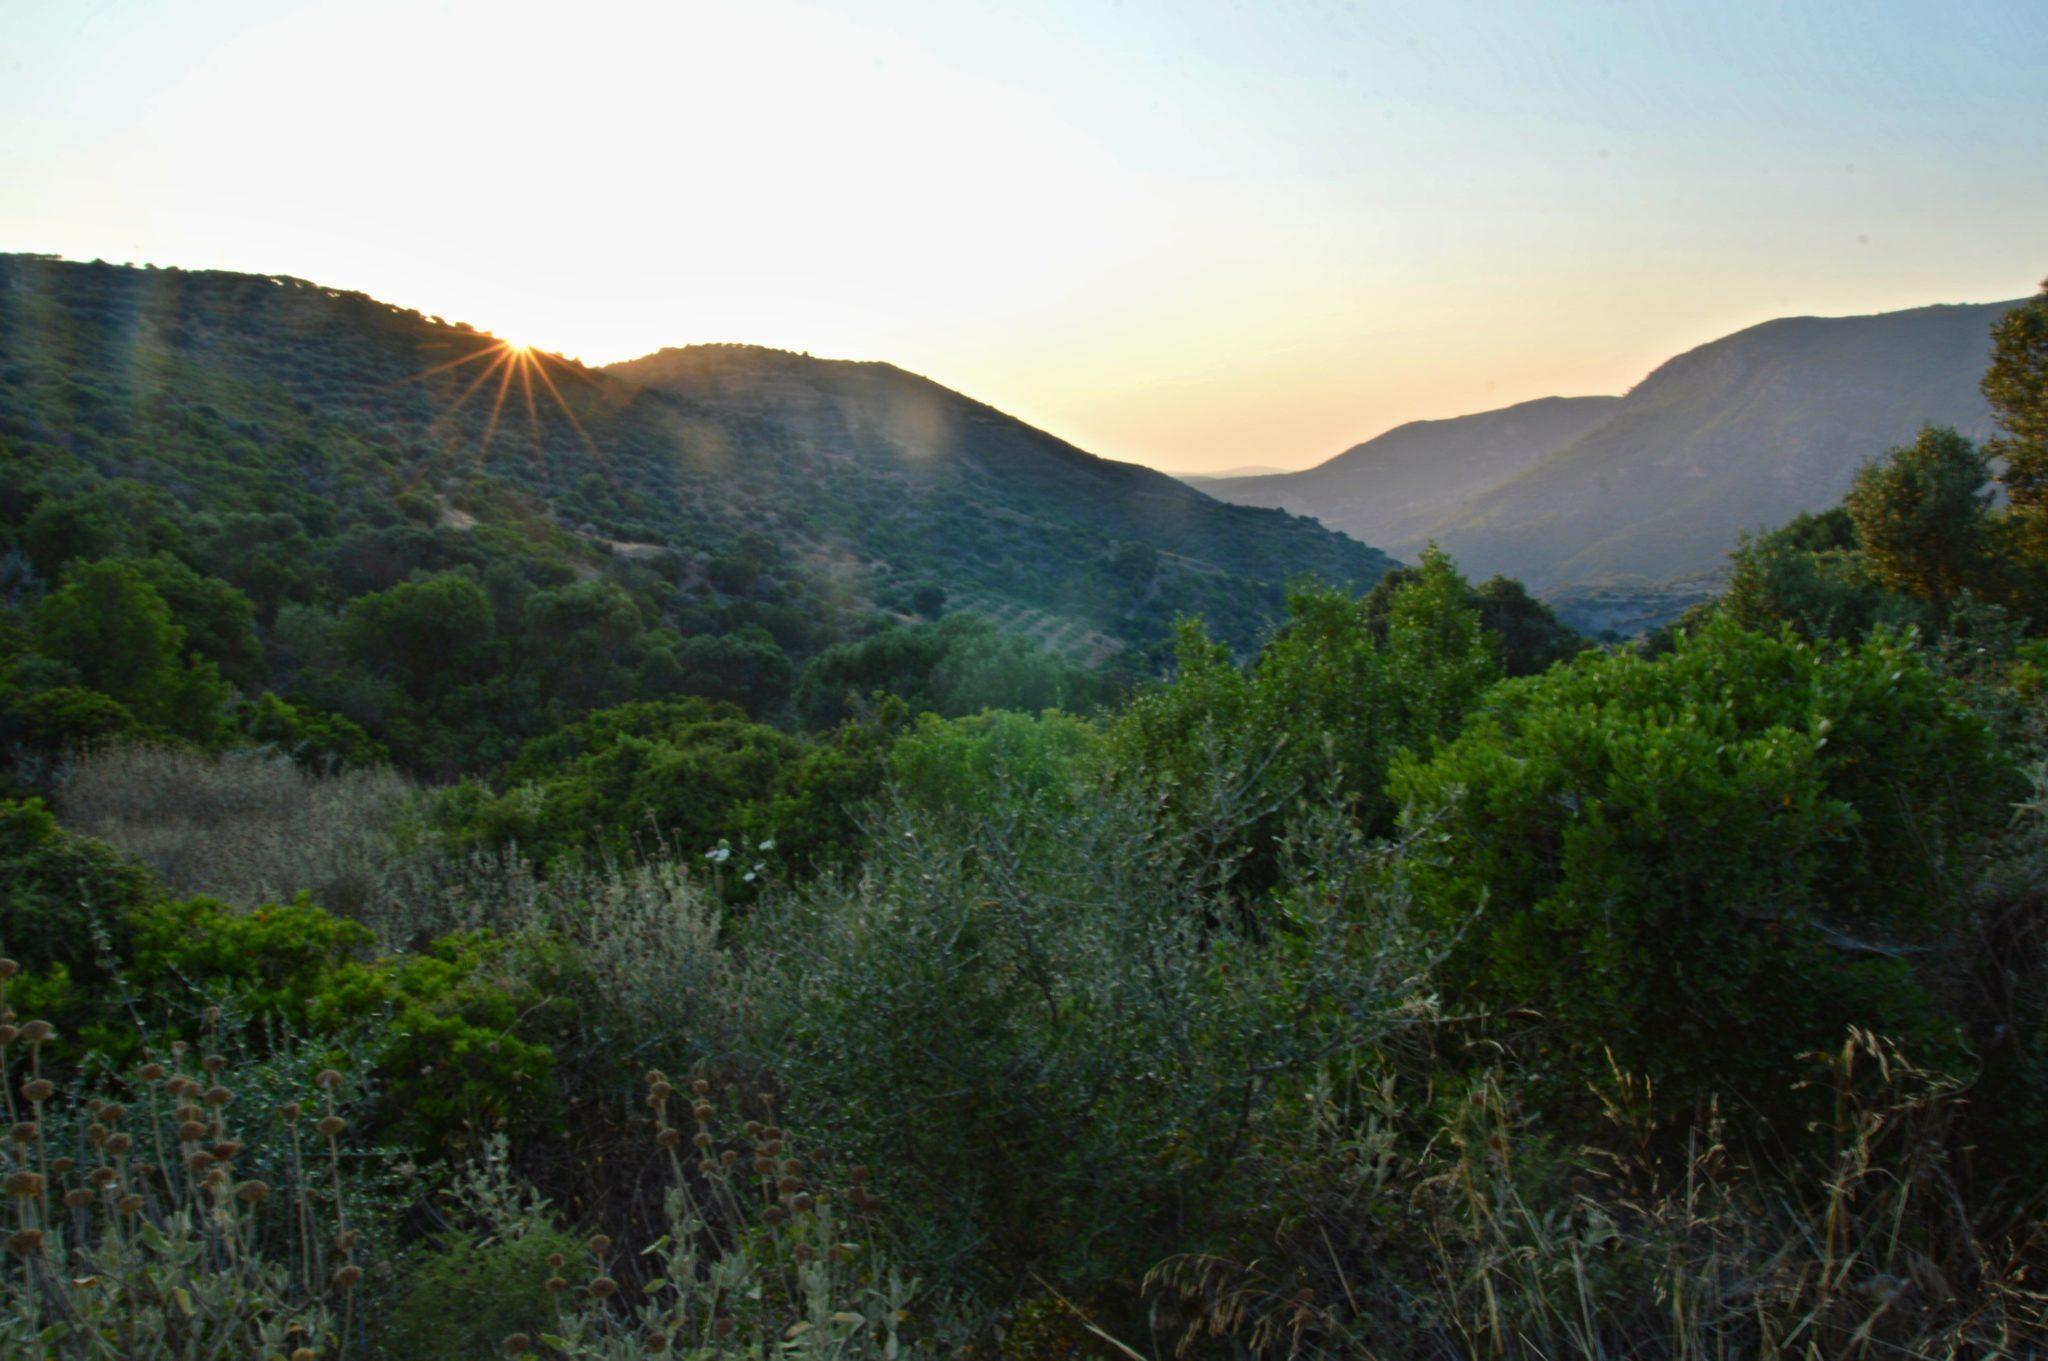 Sunset at Akrotirio Akritas, Messinia, Greece